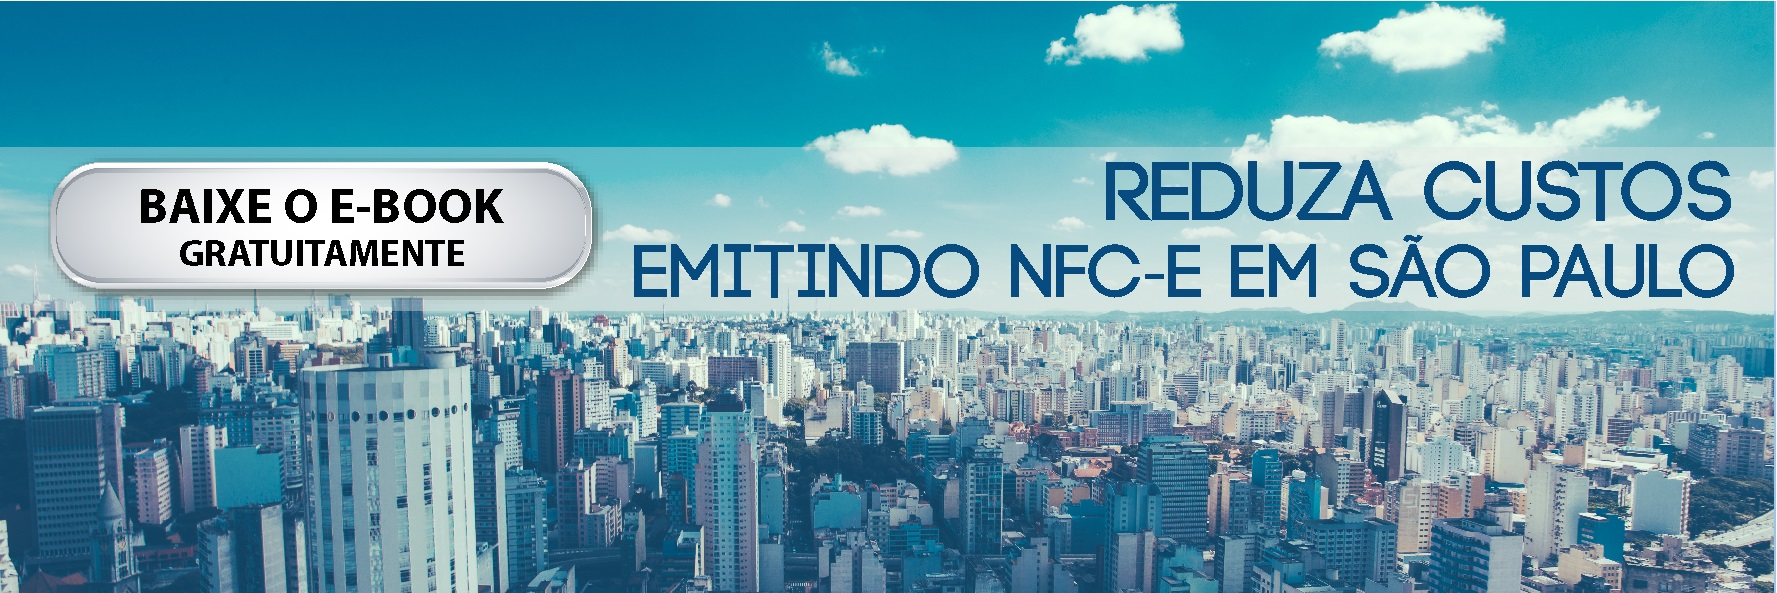 REDUZA CUSTOS EMITINDO NFC-E EM SP